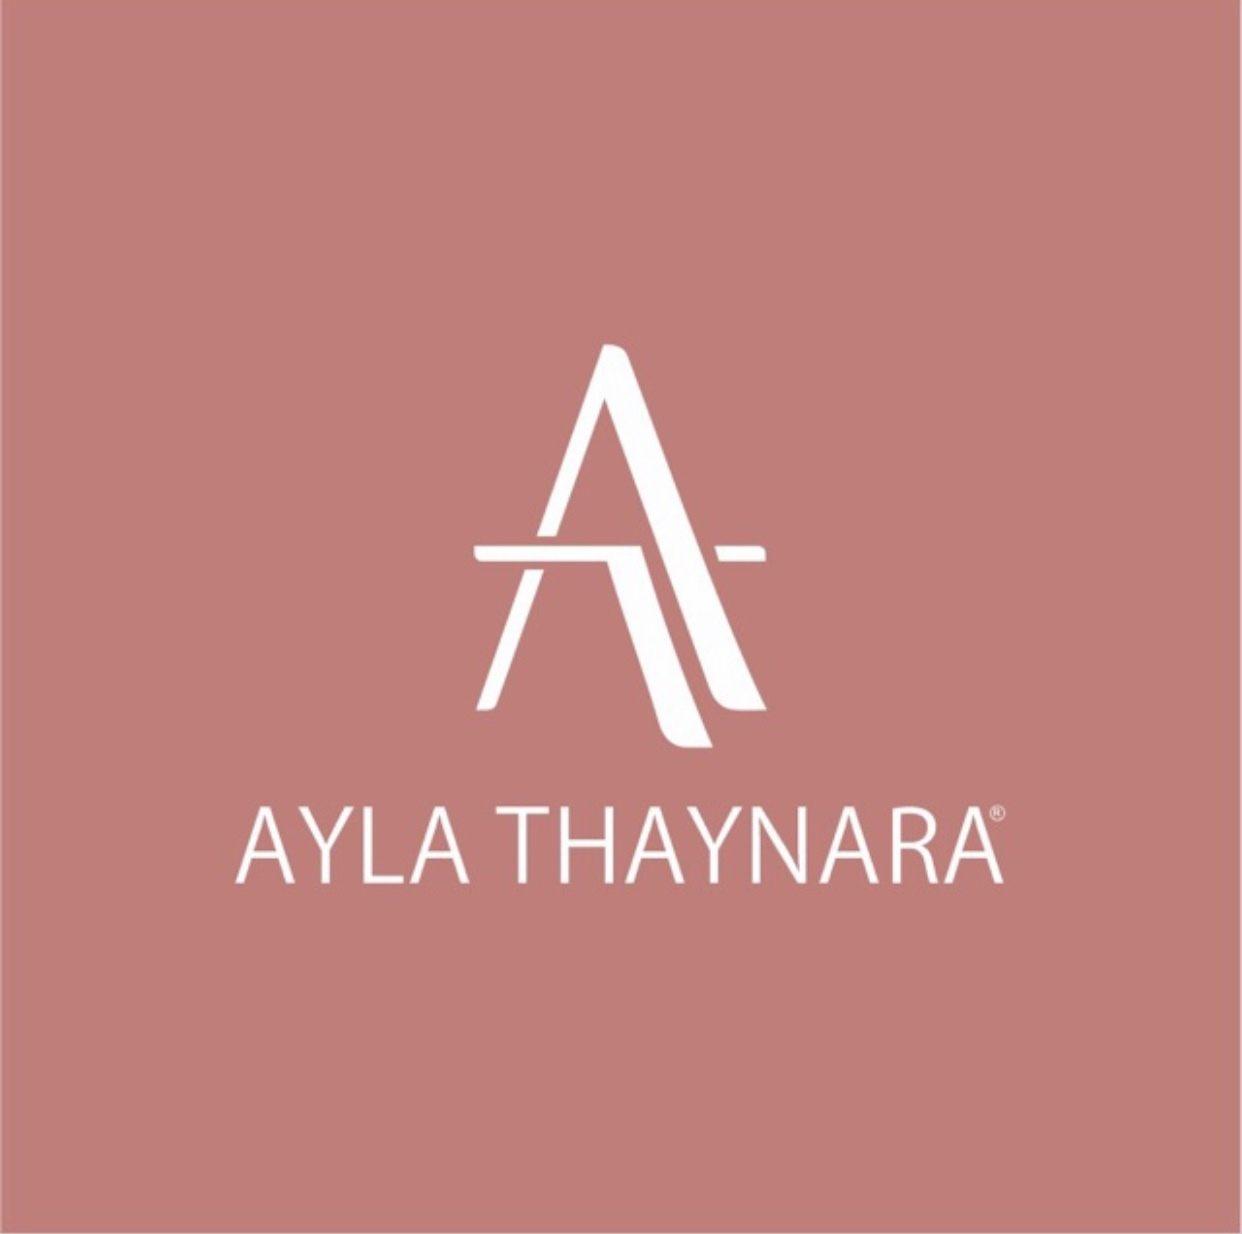 Ayla Thaynara